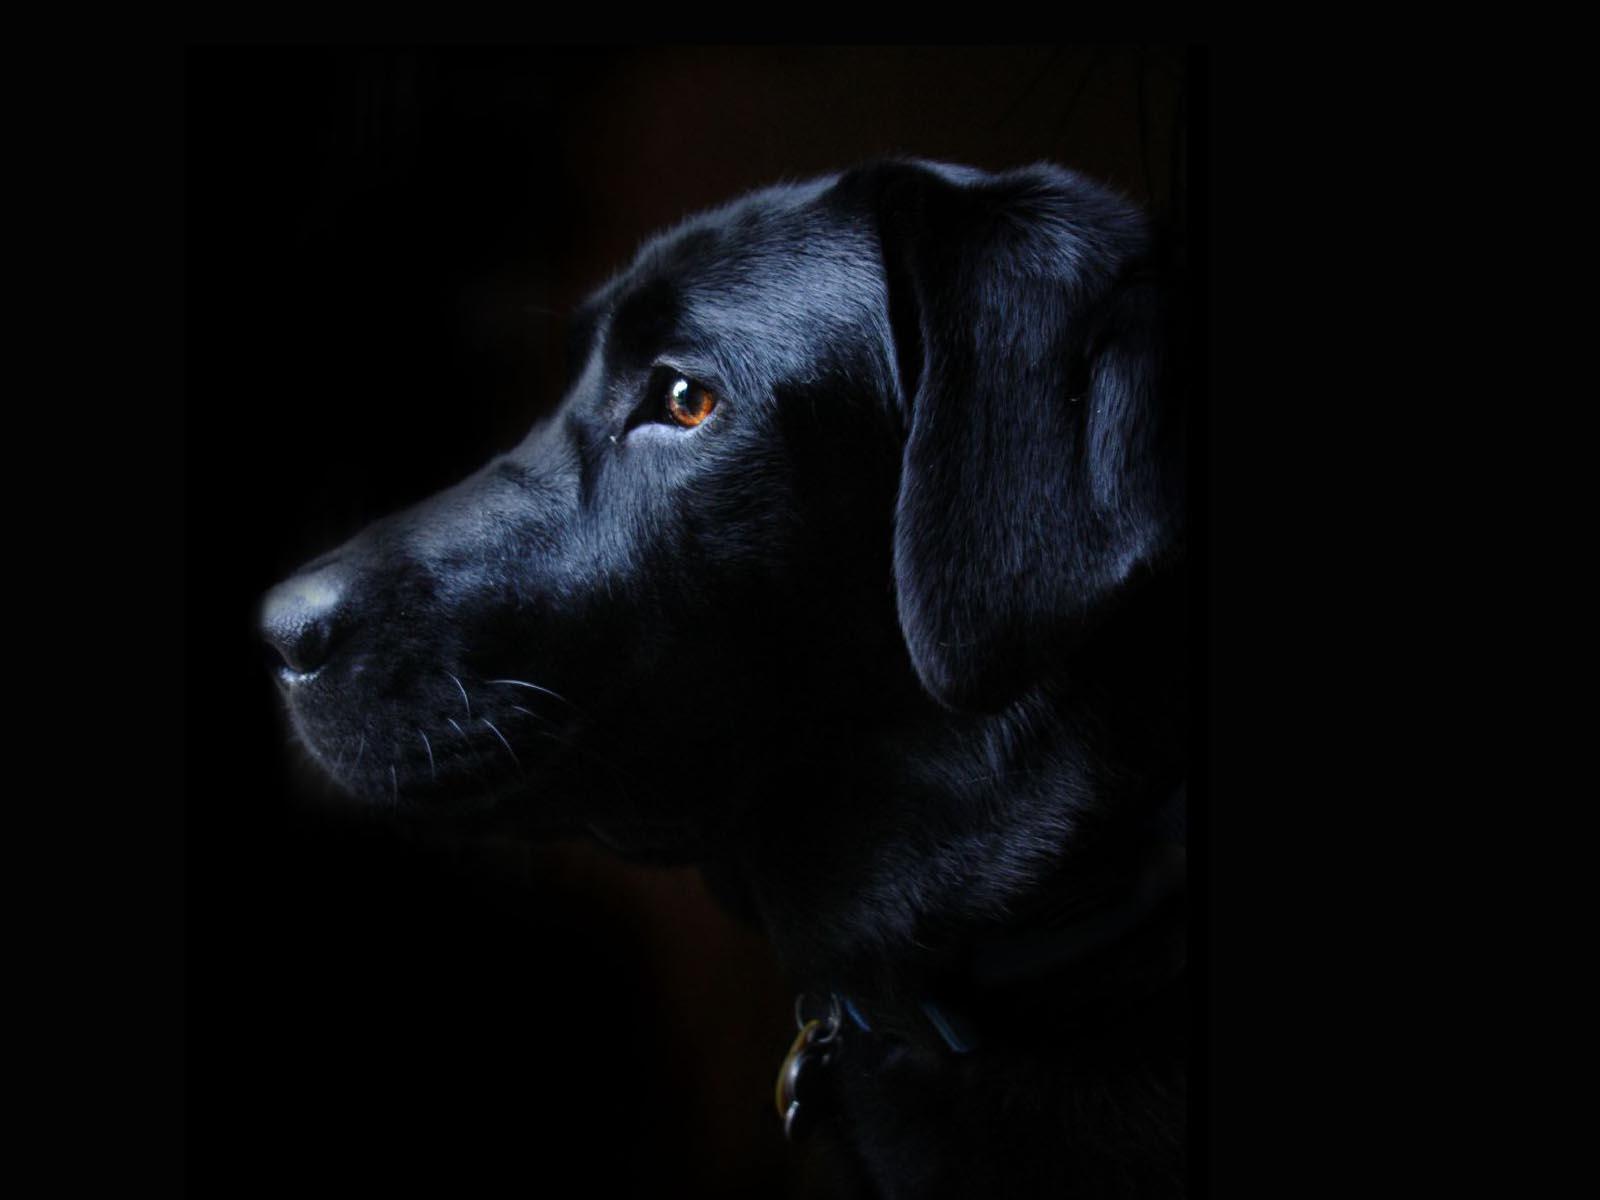 labrador retriever black dog free wallpaper 1600x1200 1600x1200